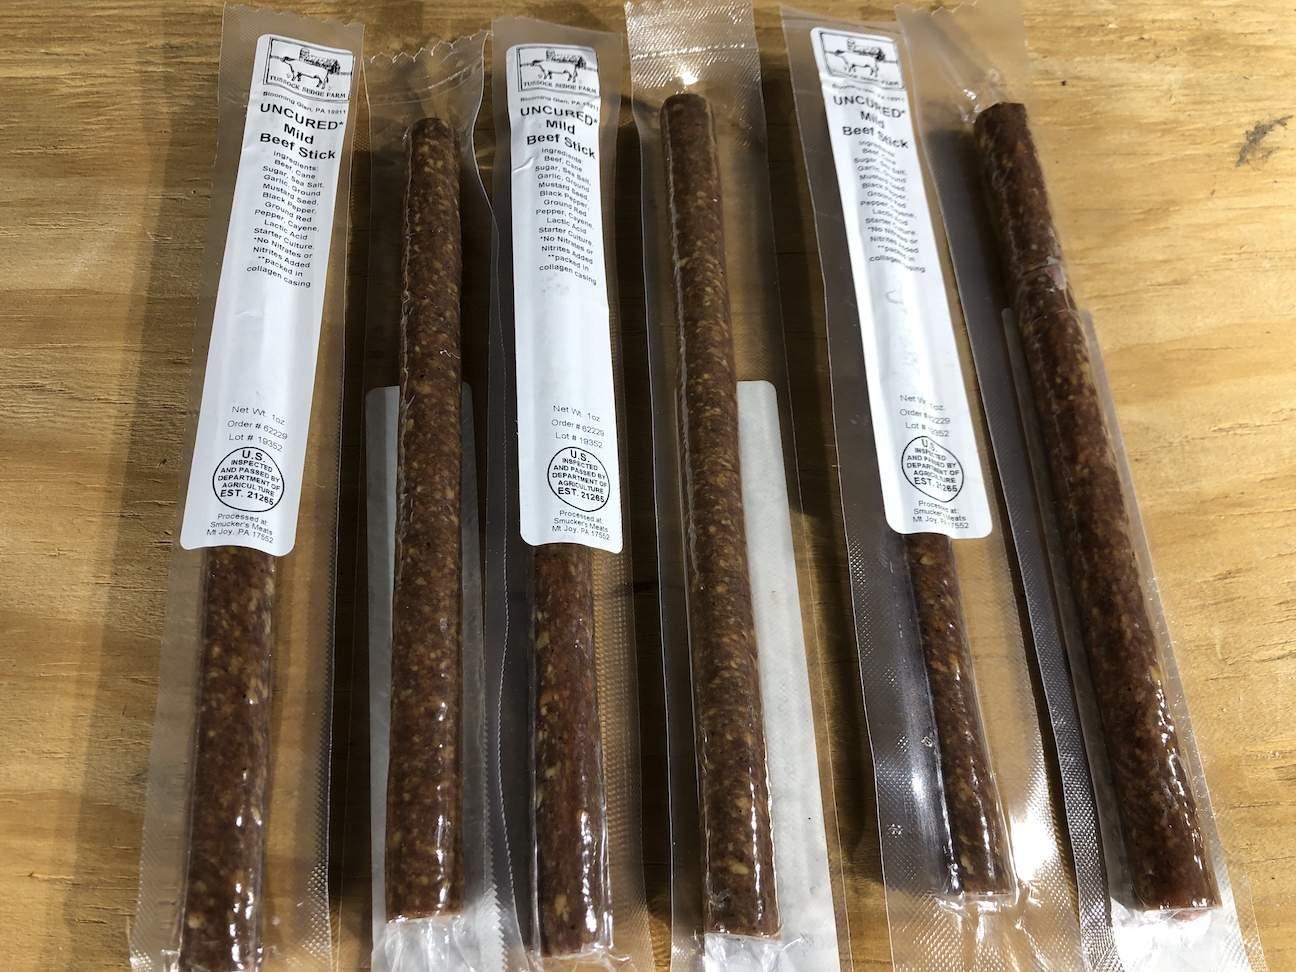 Uncured Beef Stick - Mild